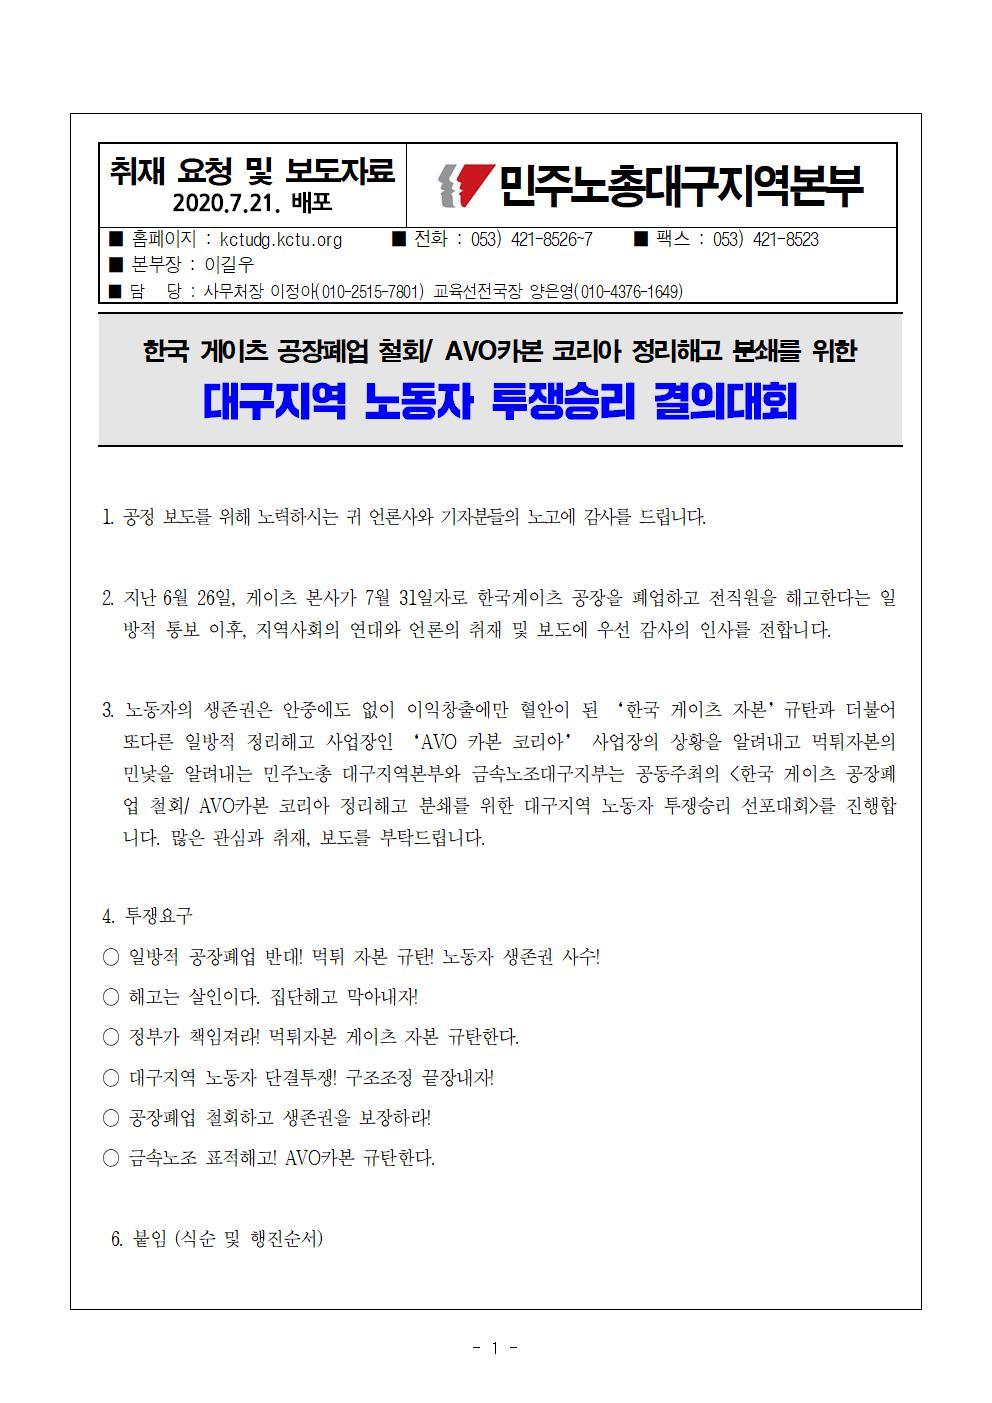 [보도자료] 0722 게이츠,AVO 투쟁승리 결의대회(식순, 행진순서)001.jpg